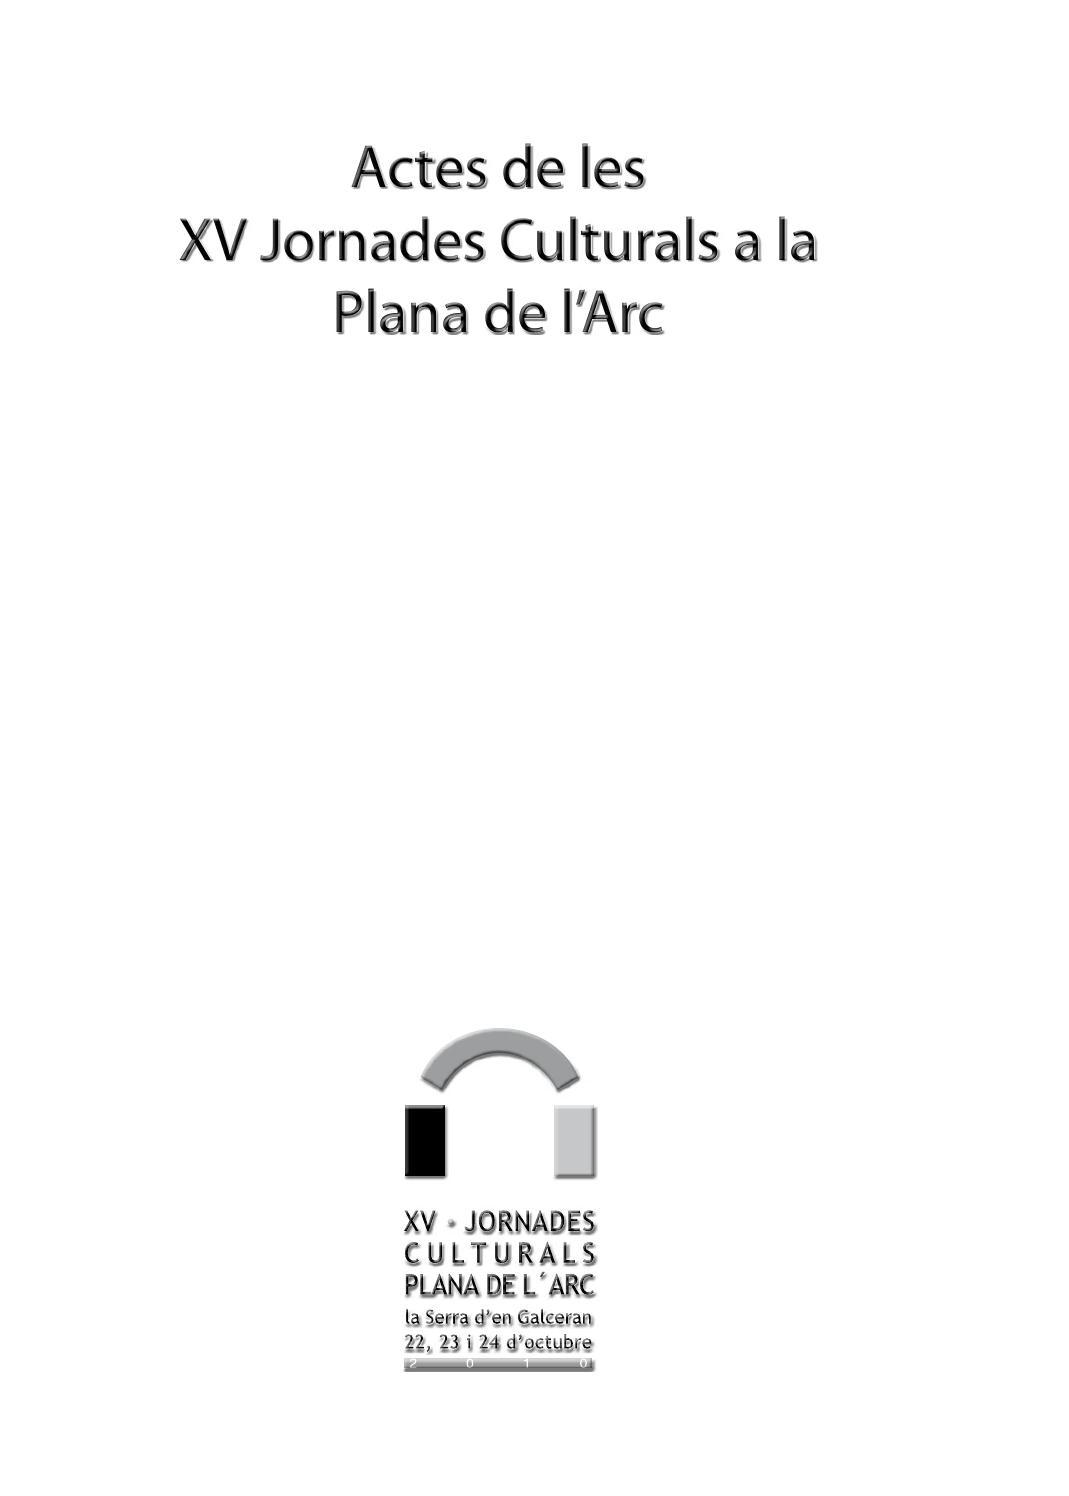 Actes De Les Xv Jornades Culturals A La Plana De L Arc By  # Muebles Pitarch Borriol